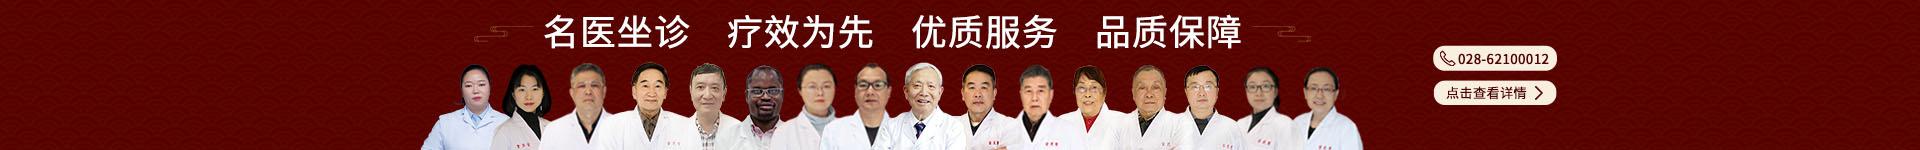 成都中医医院